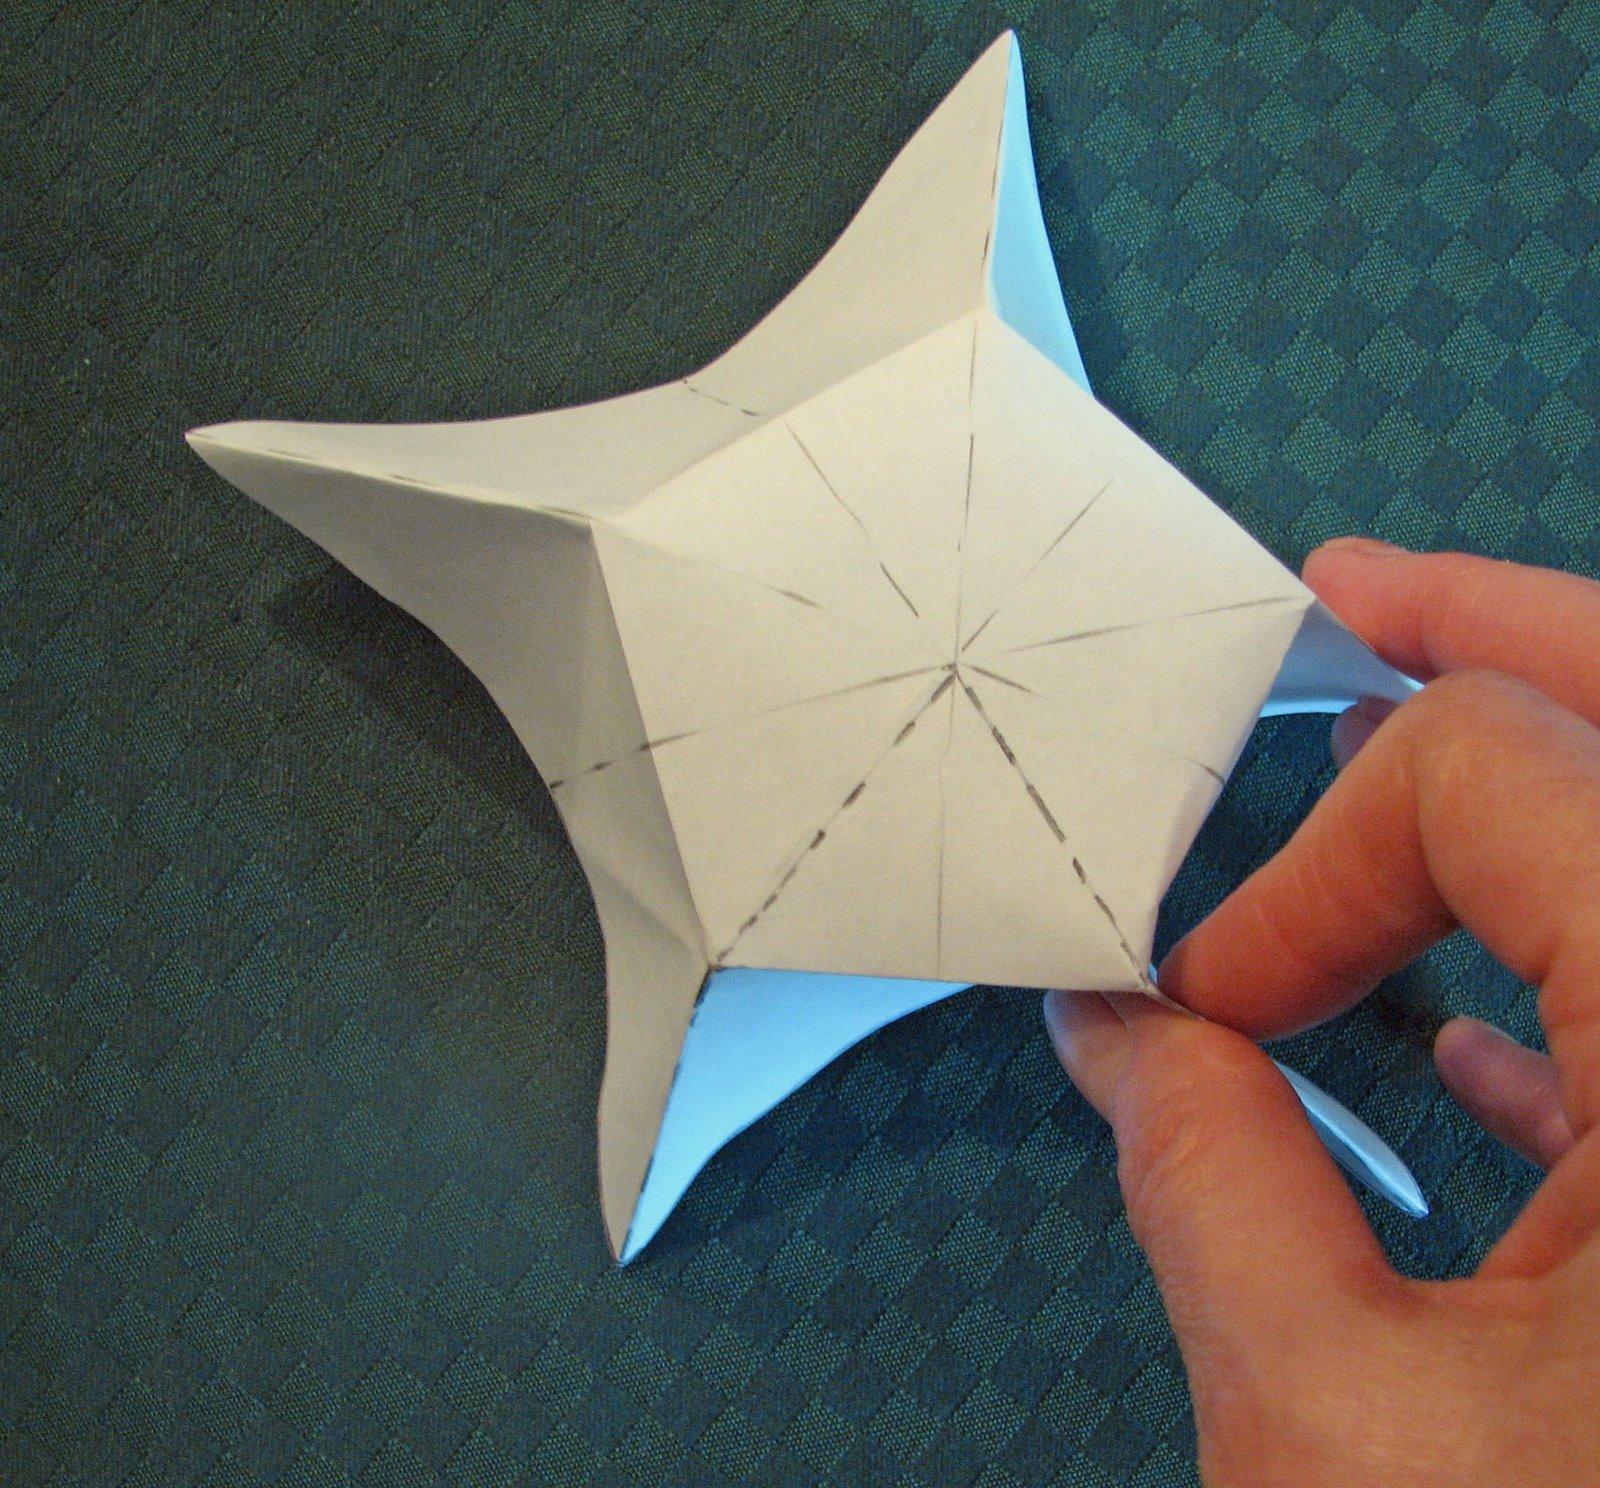 Картинки оригами к 23 февраля, ангелочками